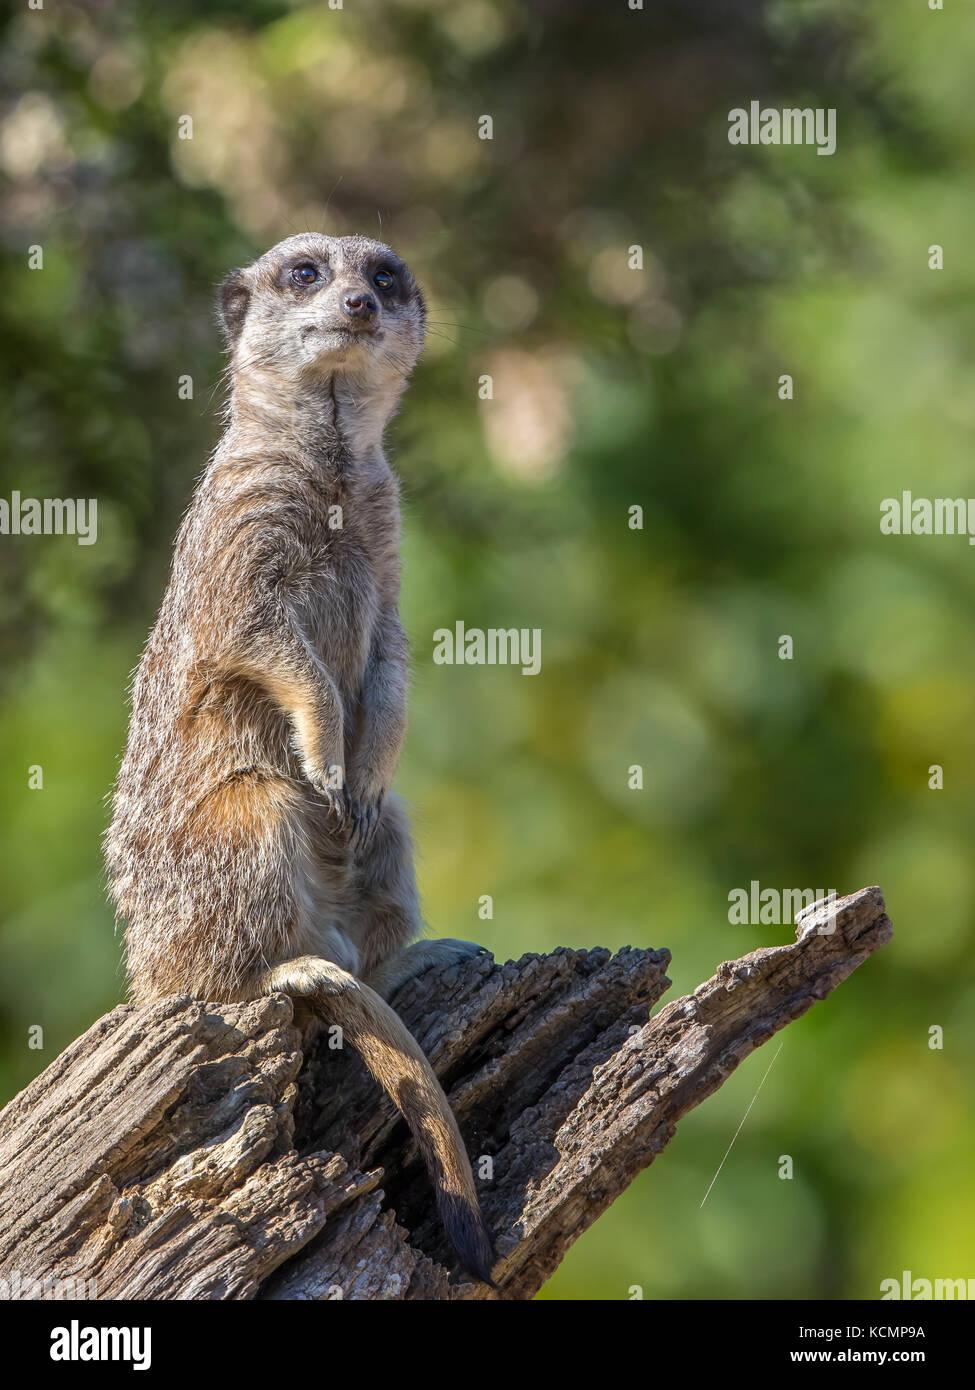 Detaillierte, Nahaufnahme Vorderansicht von isolierten Erdmännchen (Suricata suricatta) aufrecht sitzend auf Stockbild